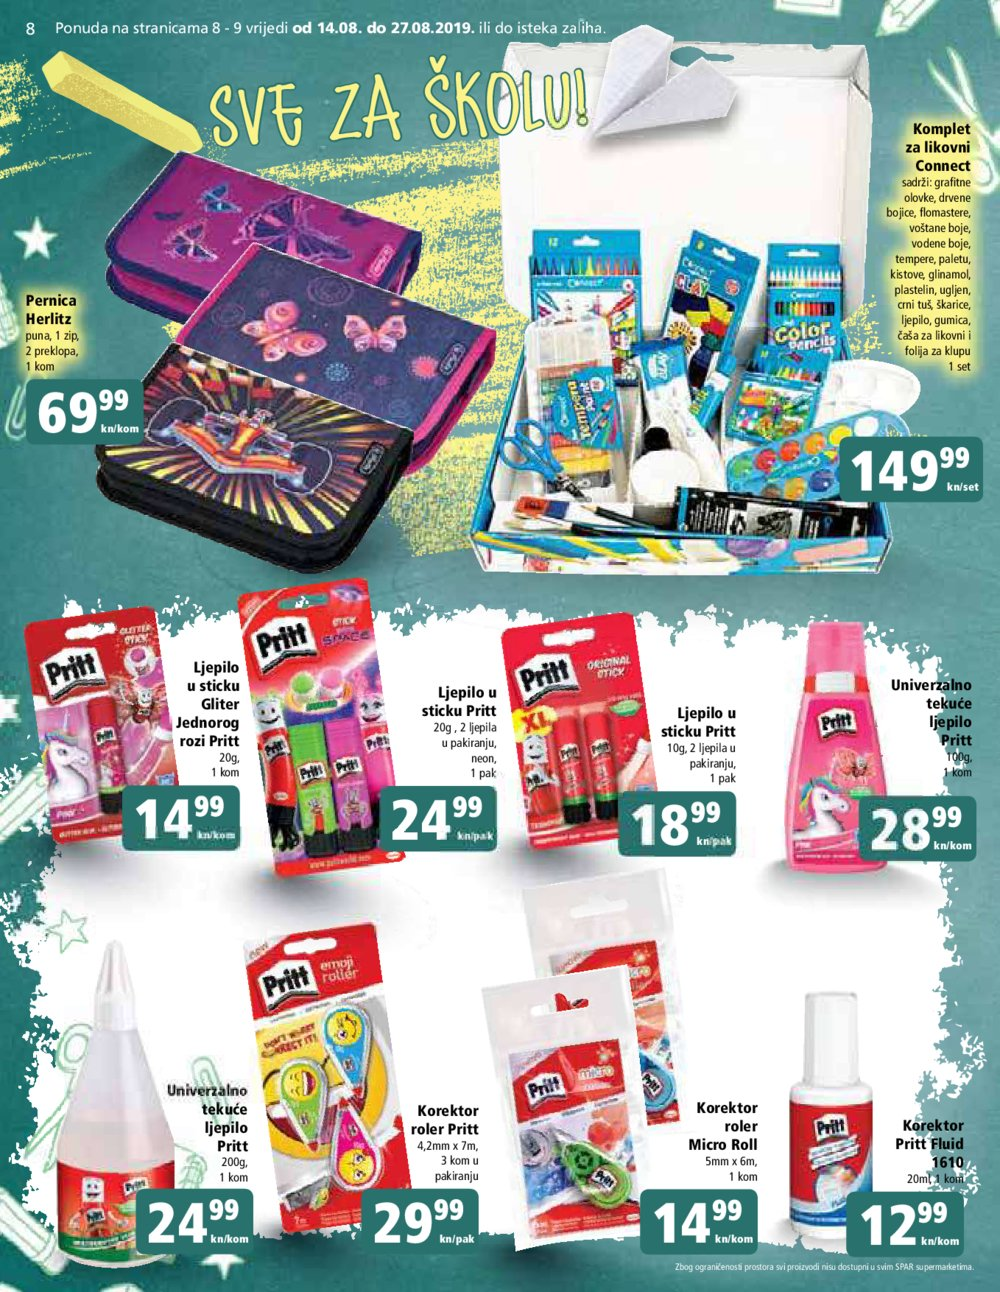 Spar katalog Sve za školu 14.08.-27.08.2019.